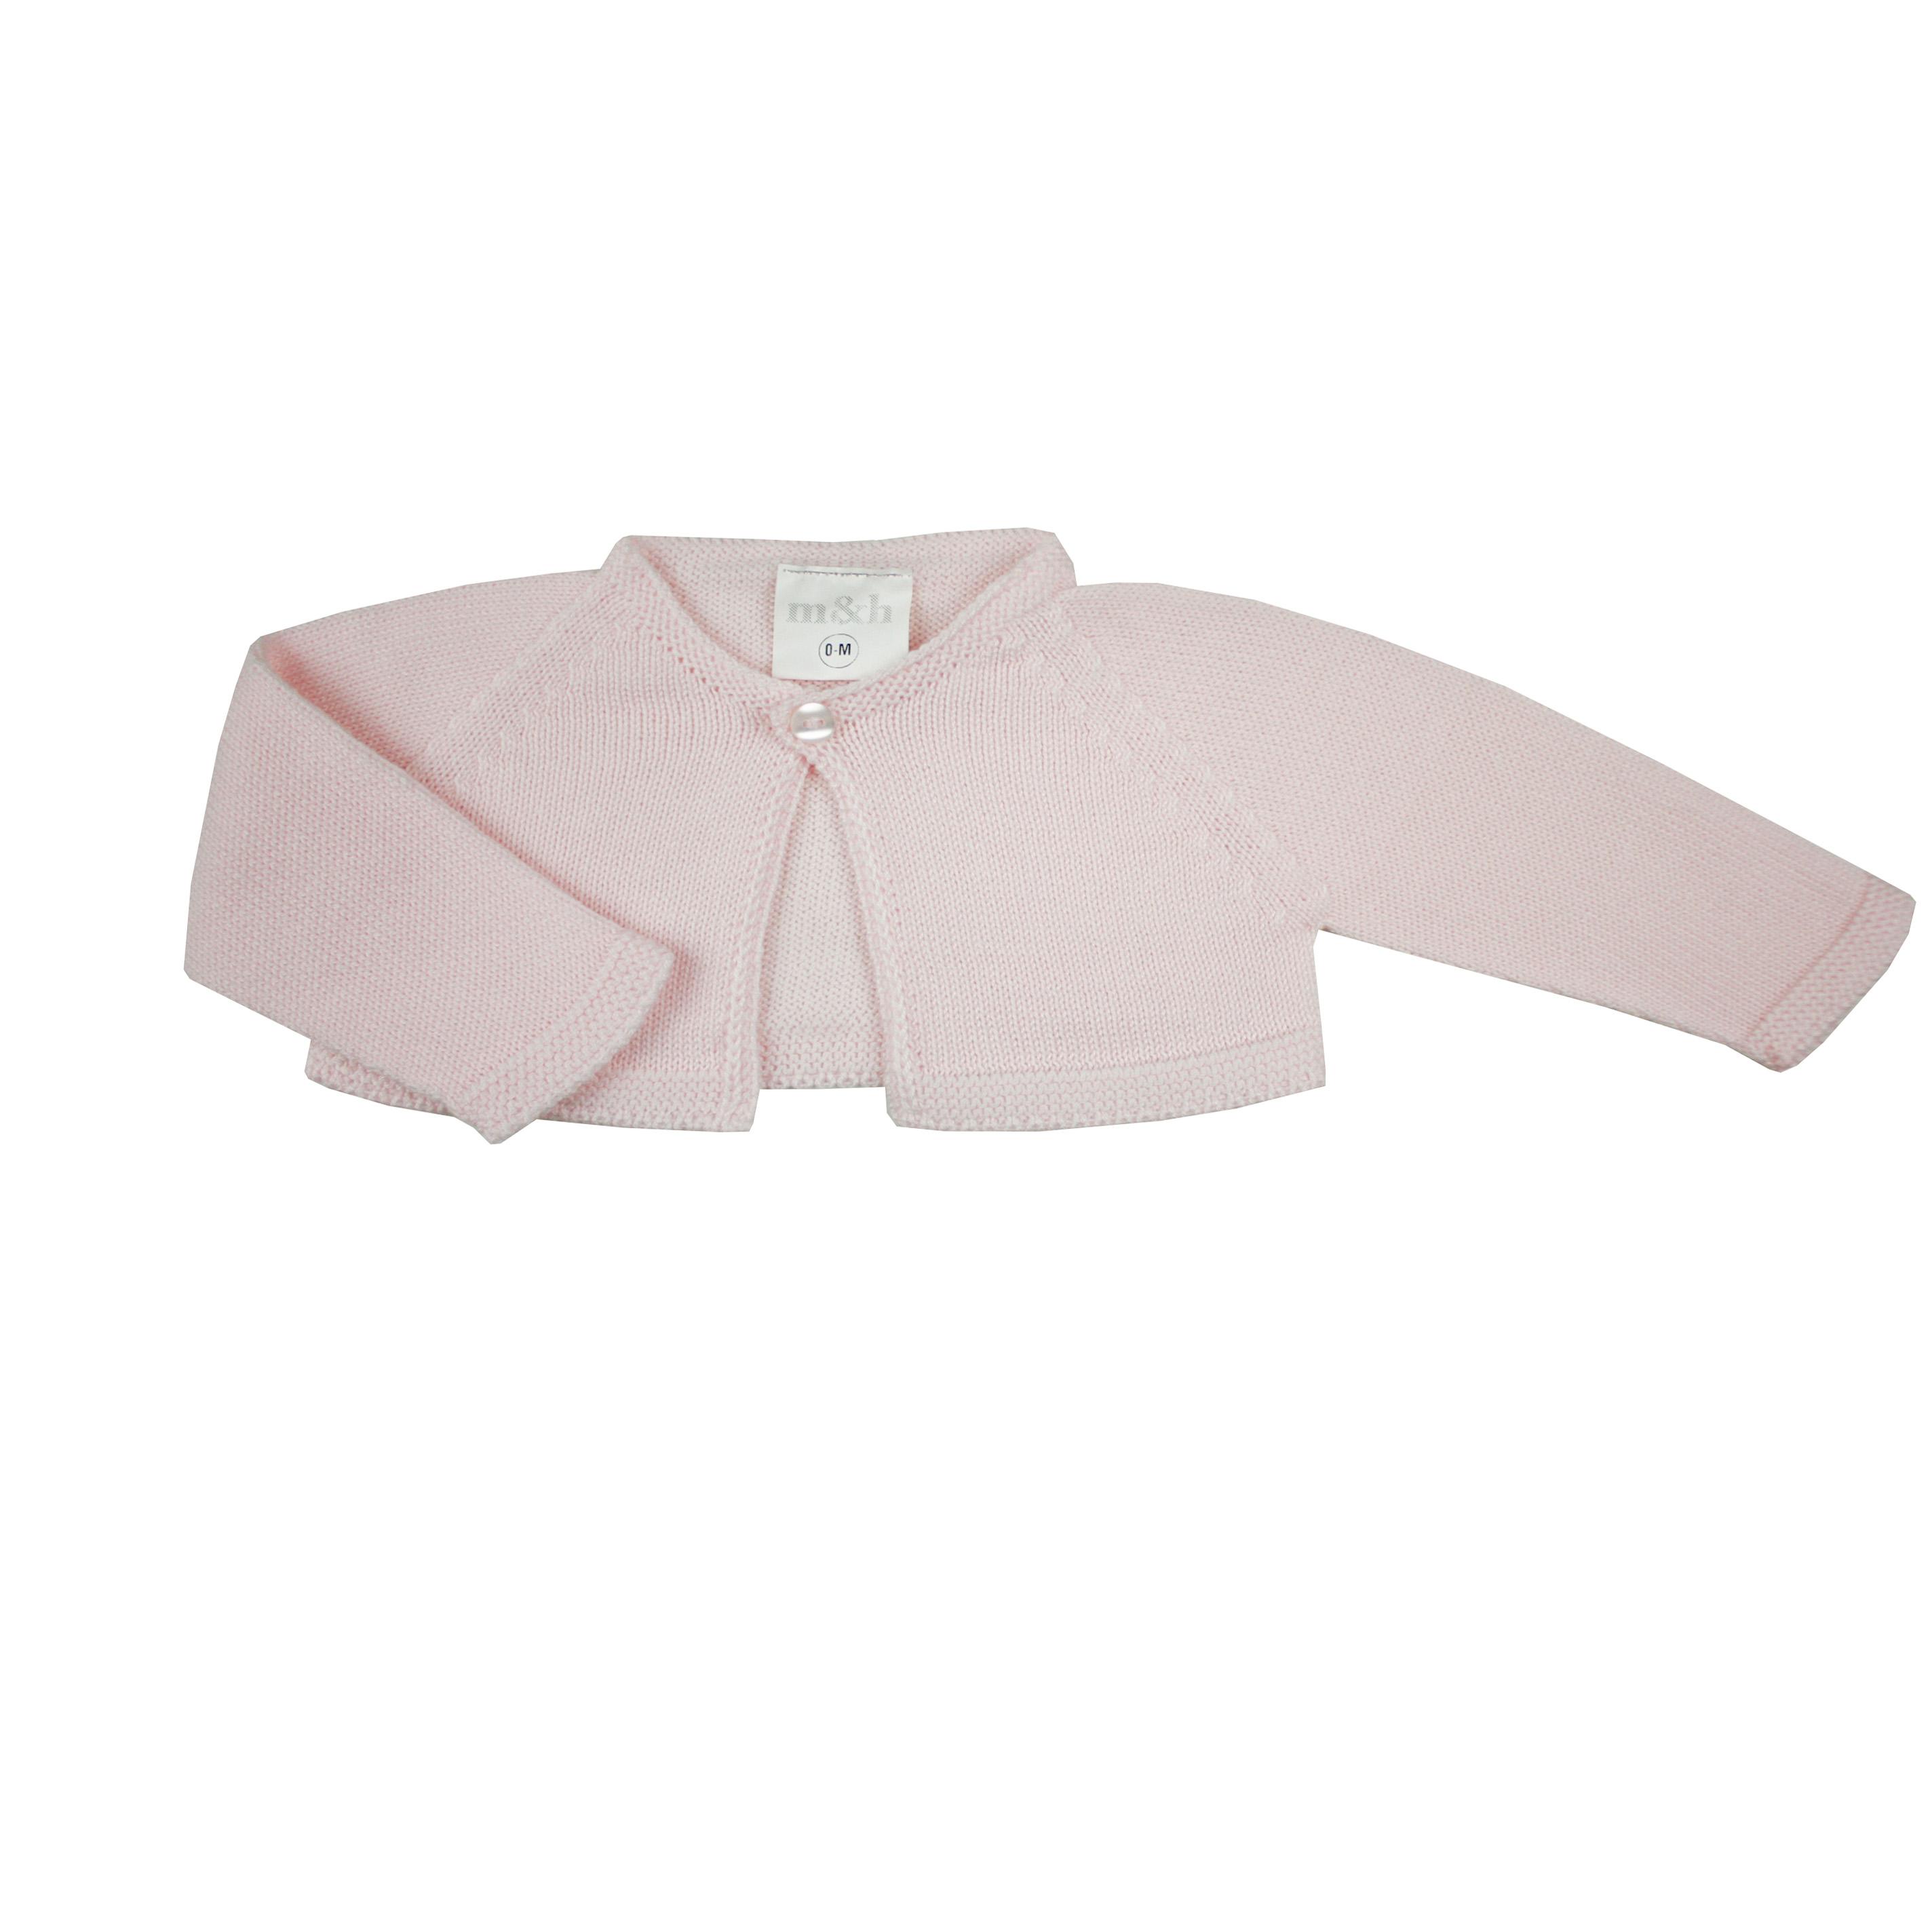 685b7c7fb4ab Pink knit baby cardigan